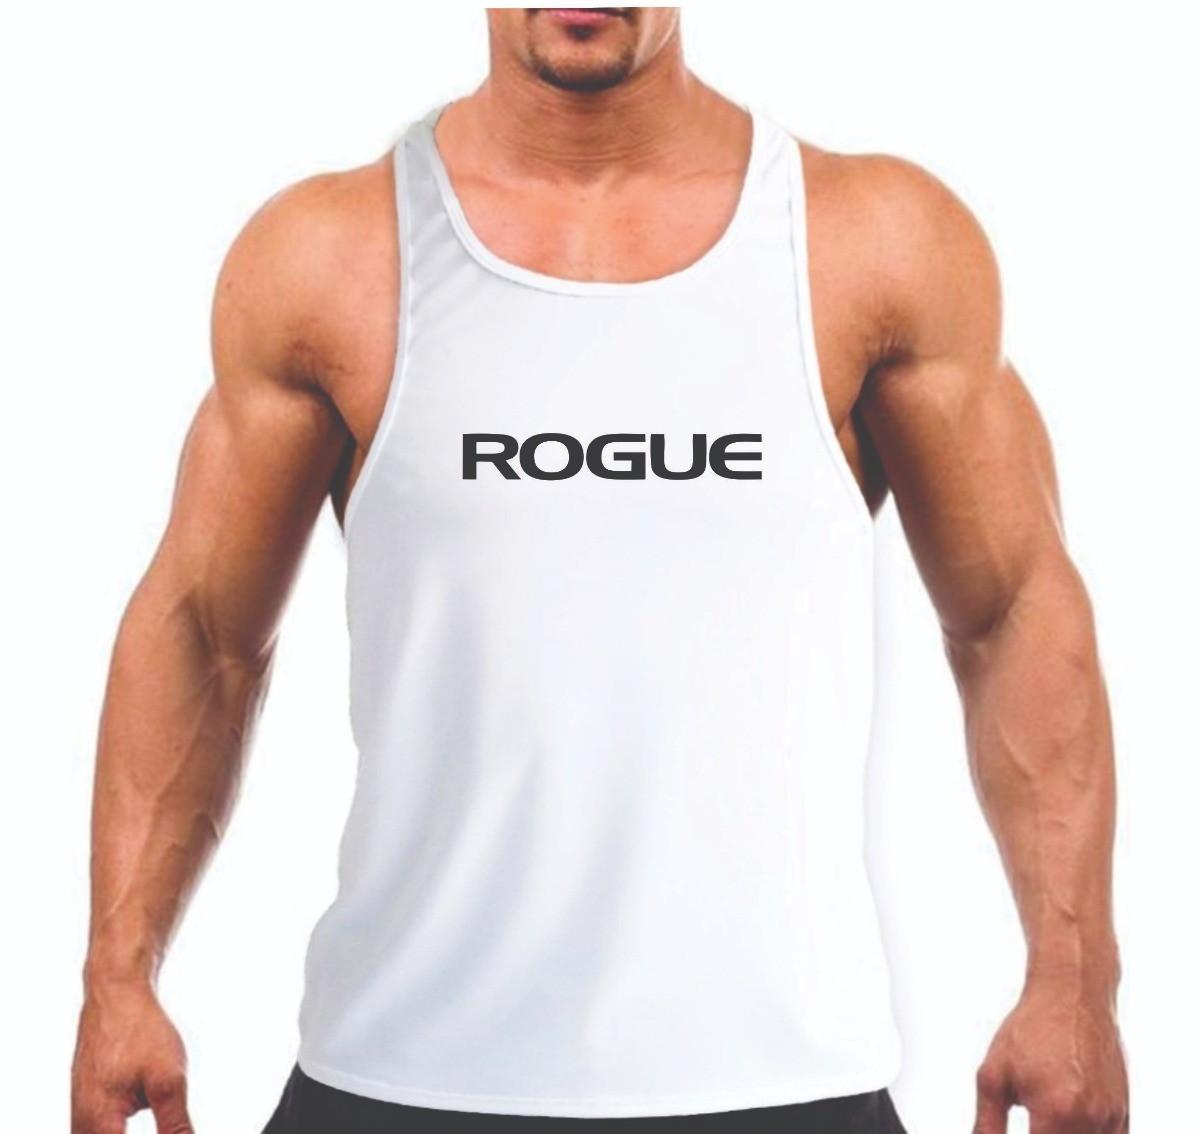 e797573780925 Camiseta Regata Rogue Academia Musculação Personalizada no Elo7 ...